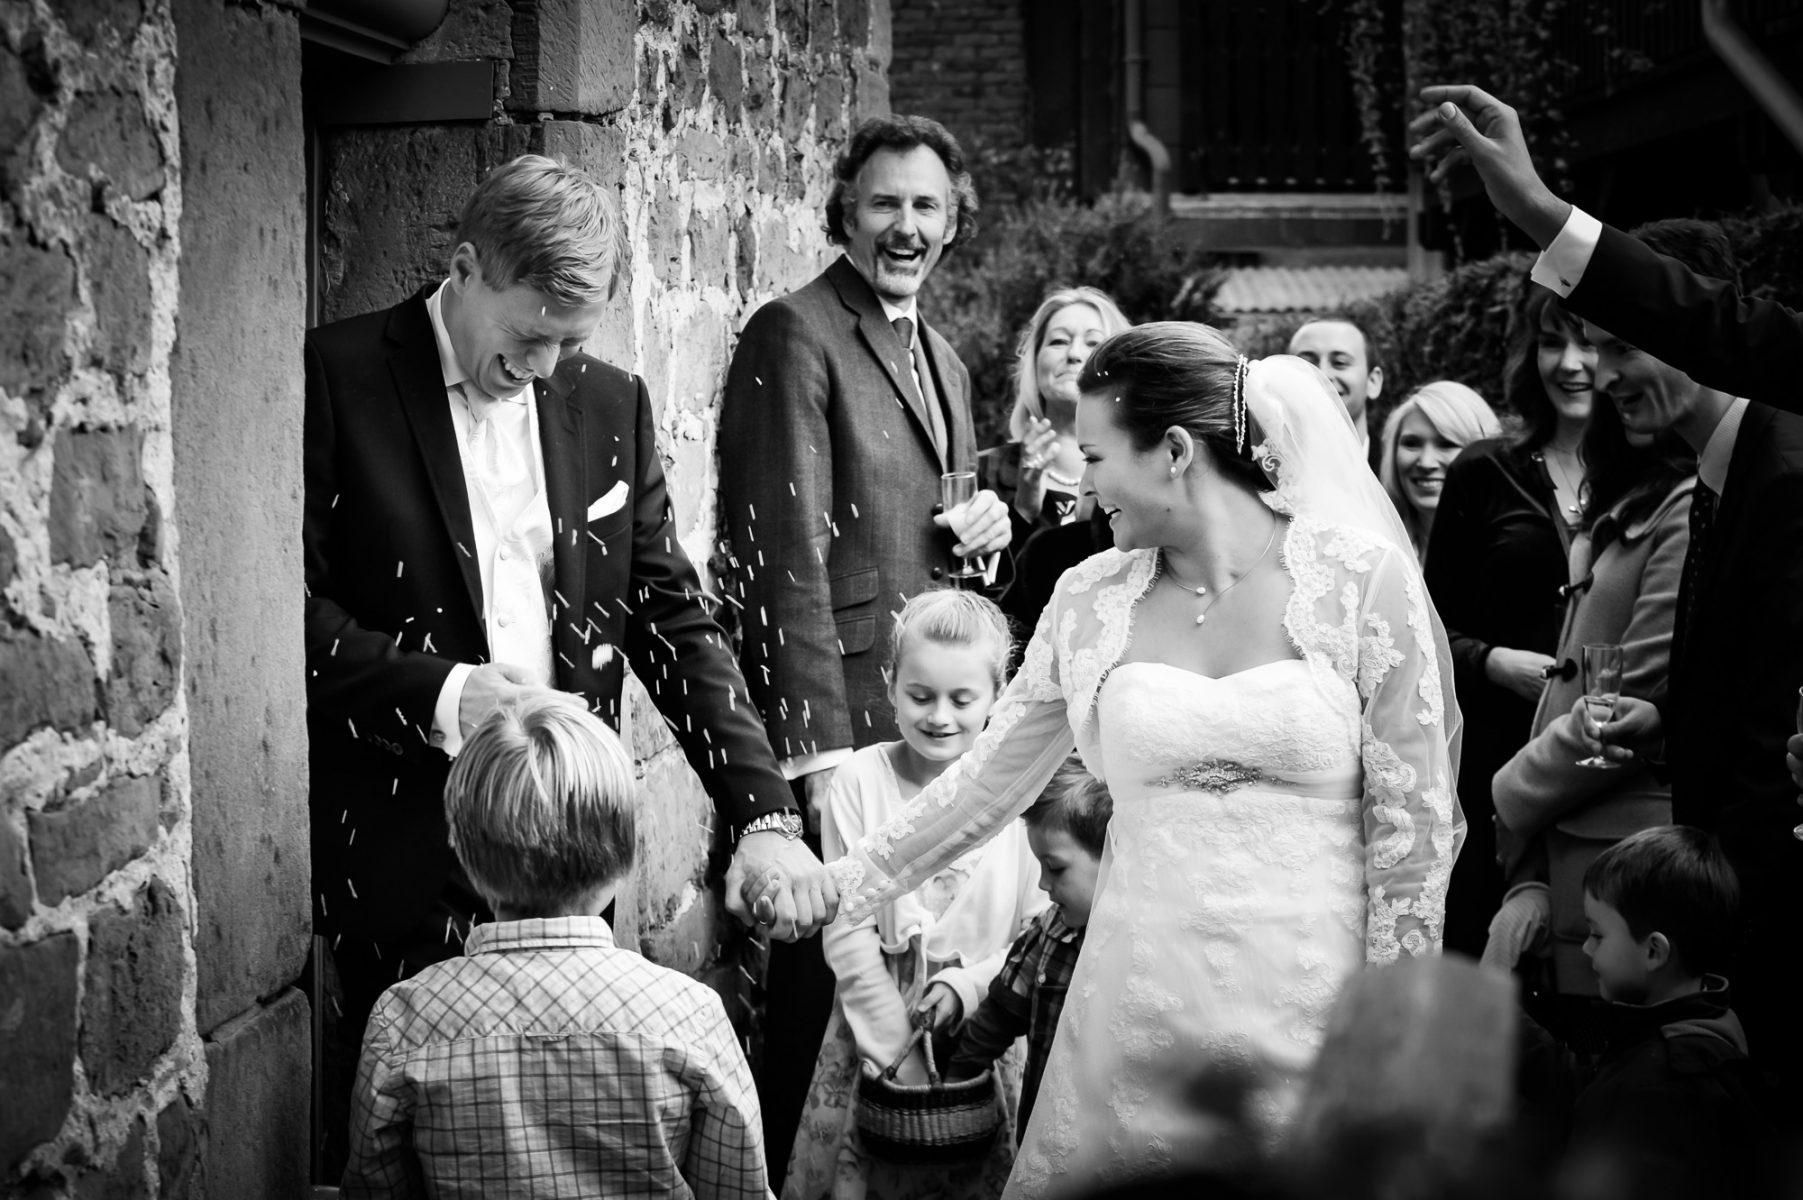 Hochzeit B2000  221572 277 1803x1200 - Trauung